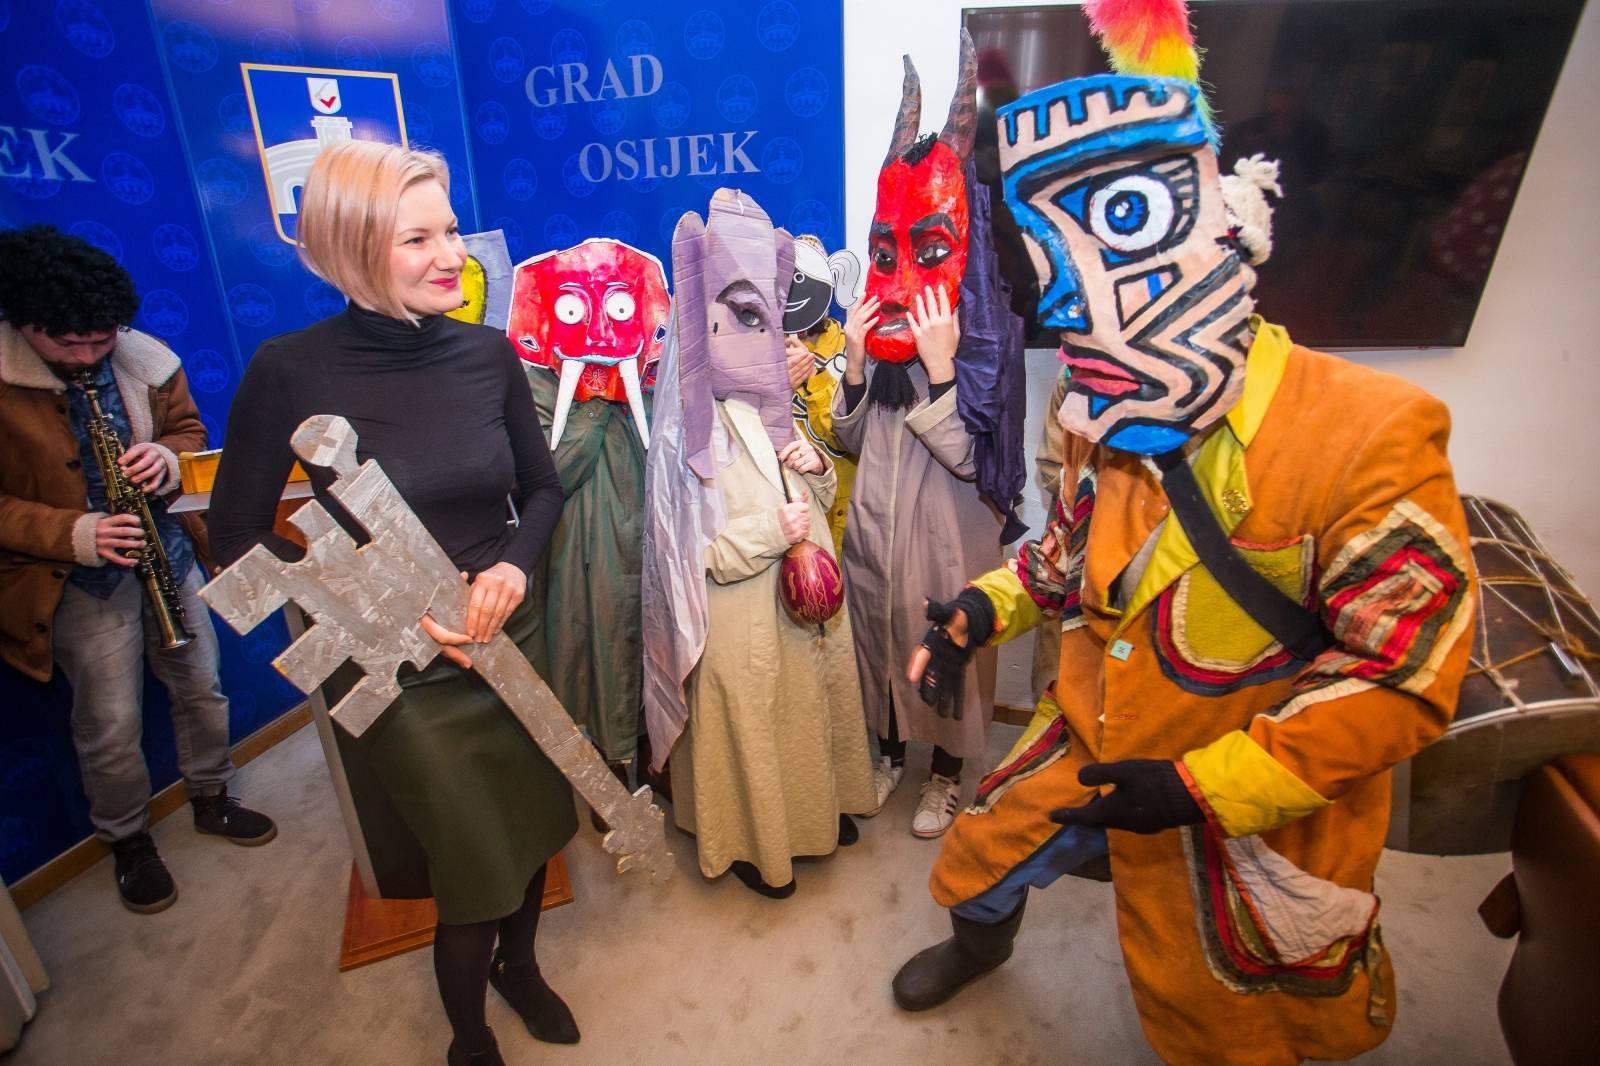 Osijek: Gradonačelnica Žana Gamoš predala je ključeve Grada karnevalskoj družini